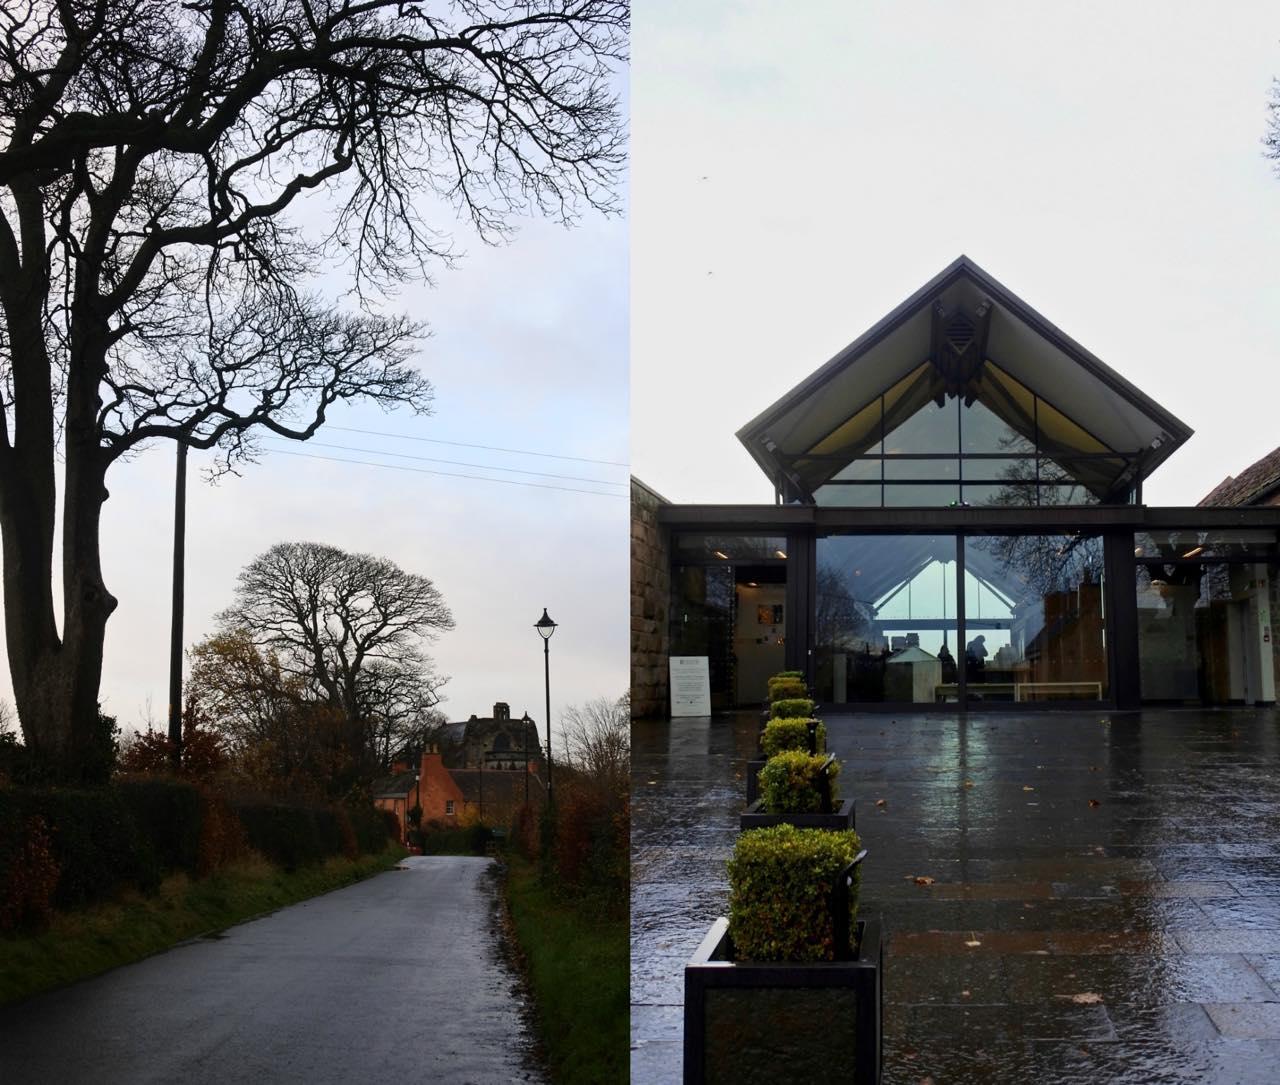 左はバス停を降りてから礼拝堂へと向かう道すがら。右が礼拝堂への入り口。